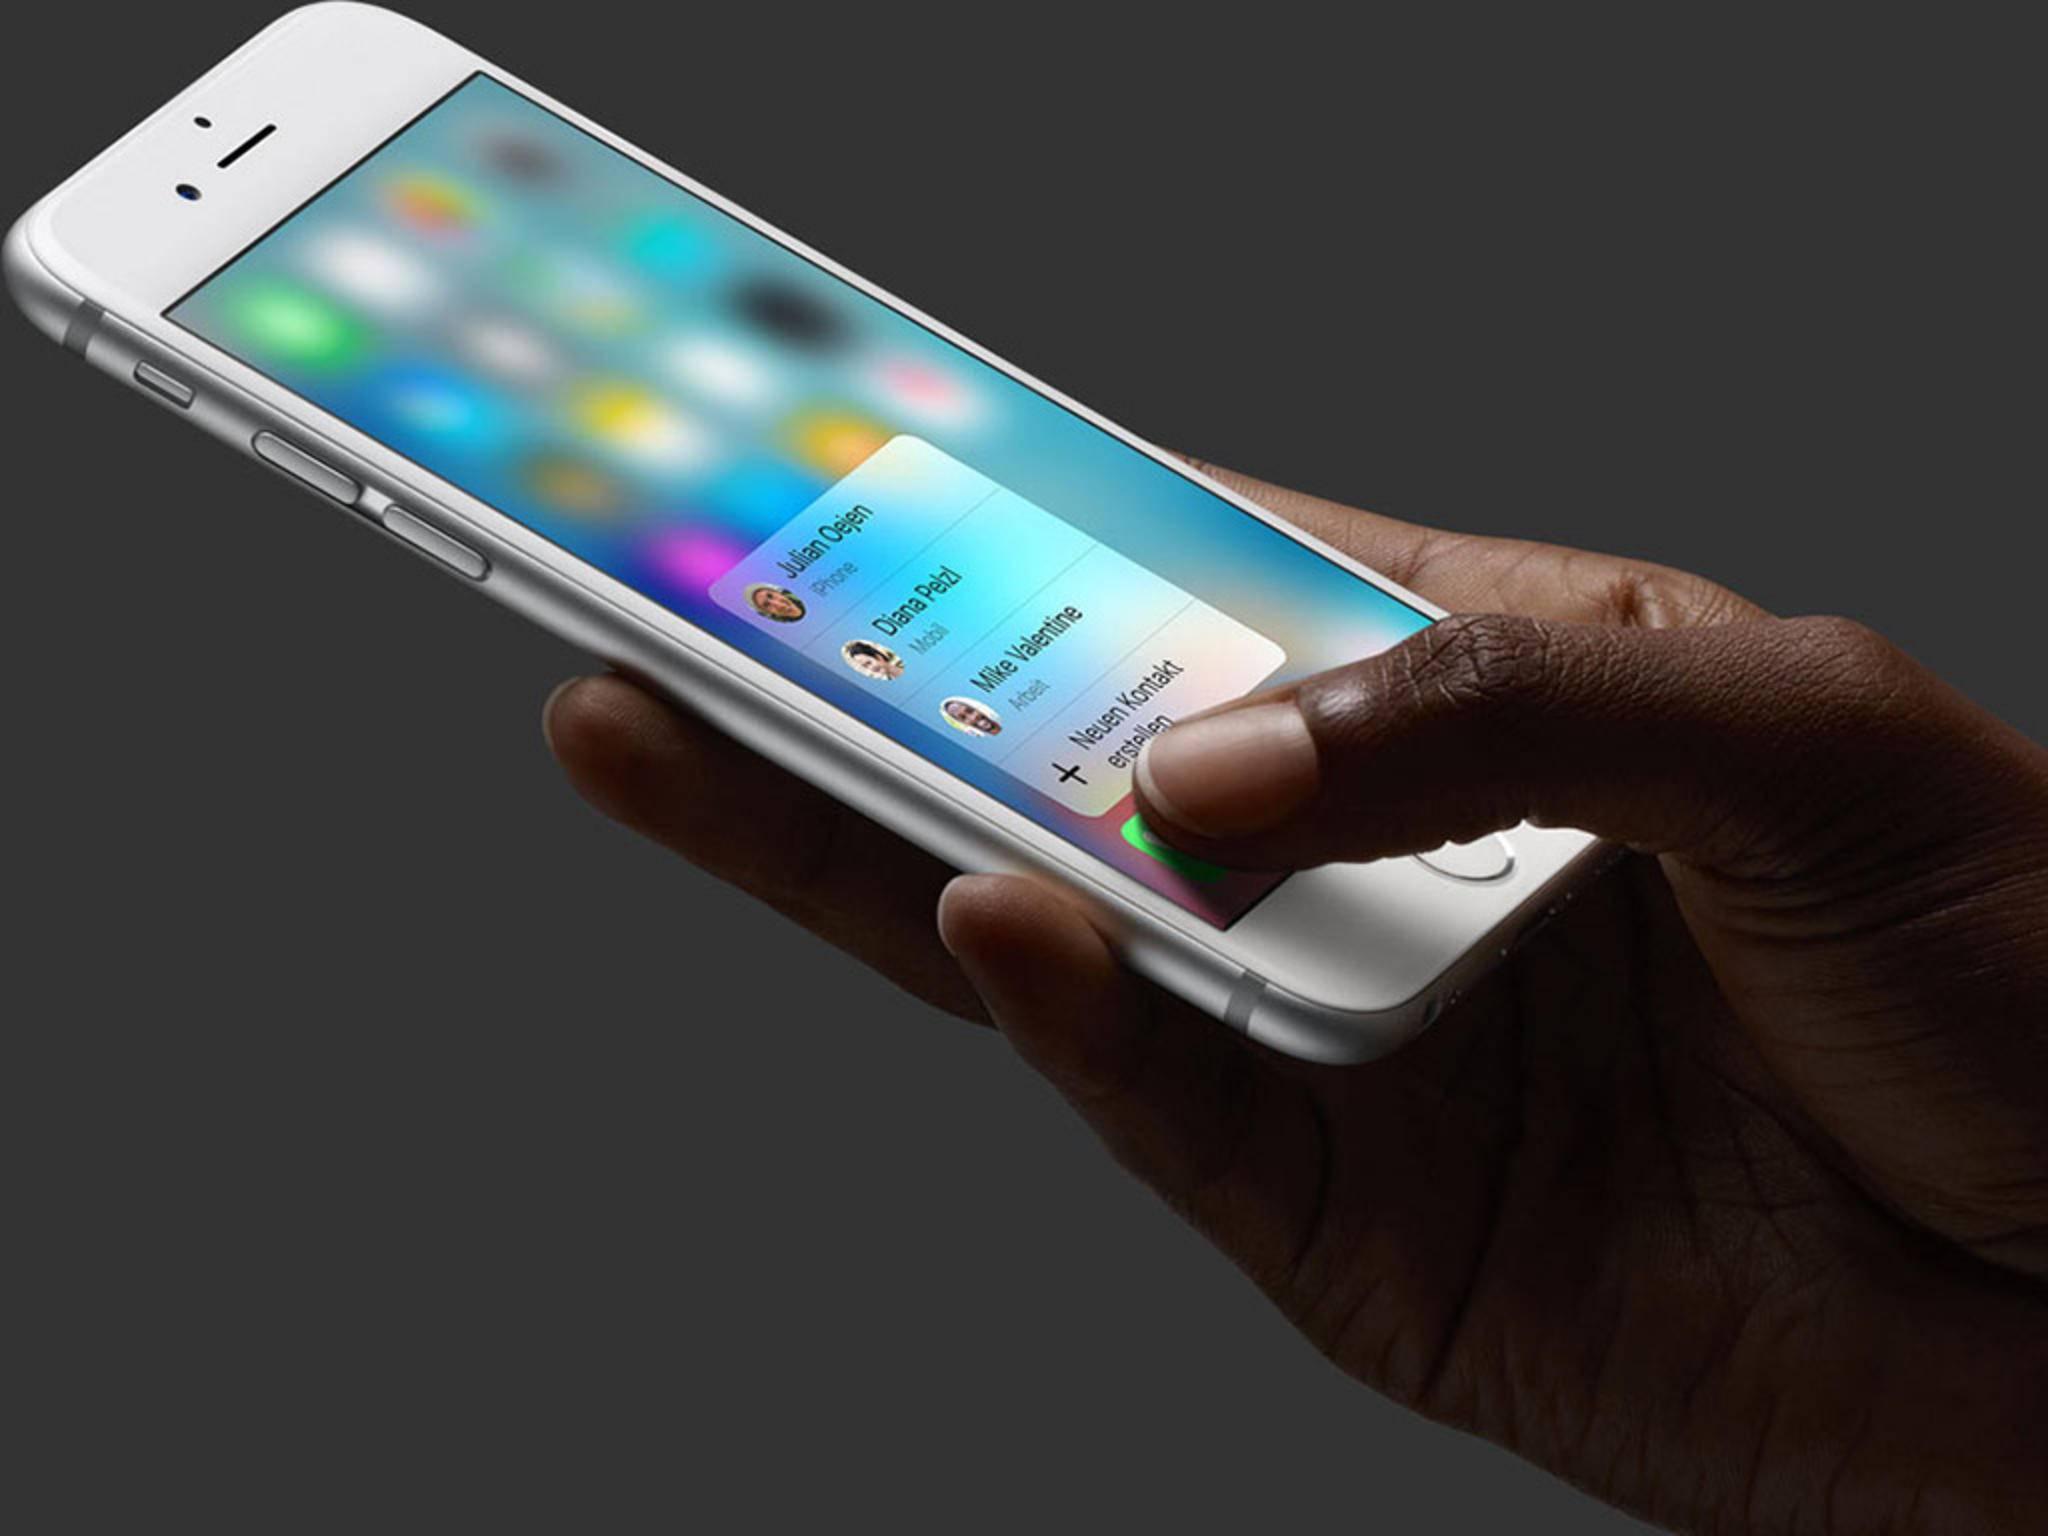 Wer sein brandneues iPhone 6s schützen möchte muss künftig tiefer in die Tasche greifen.